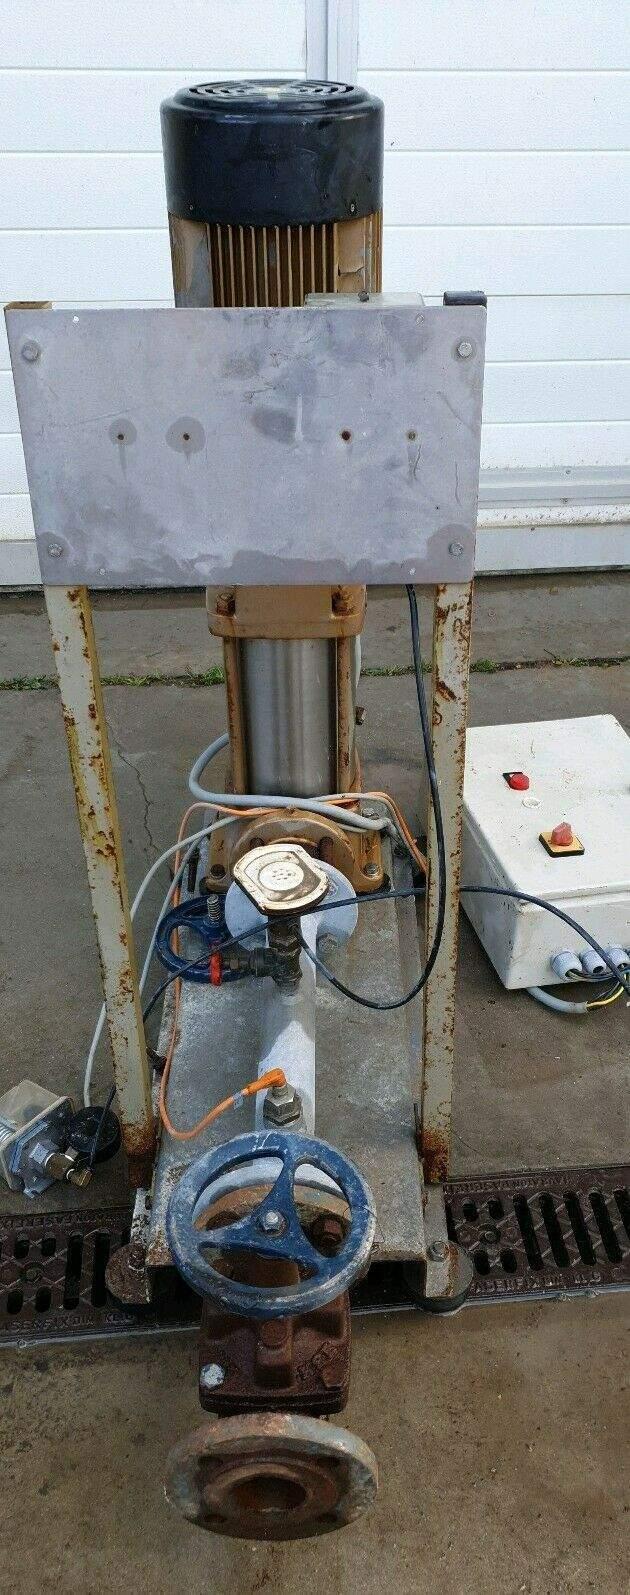 garten pumpen luxus pumpe grundfos cr 16 50 f a a druckerhohungspumpe 3 x 400 v druck p9 1200 of garten pumpen